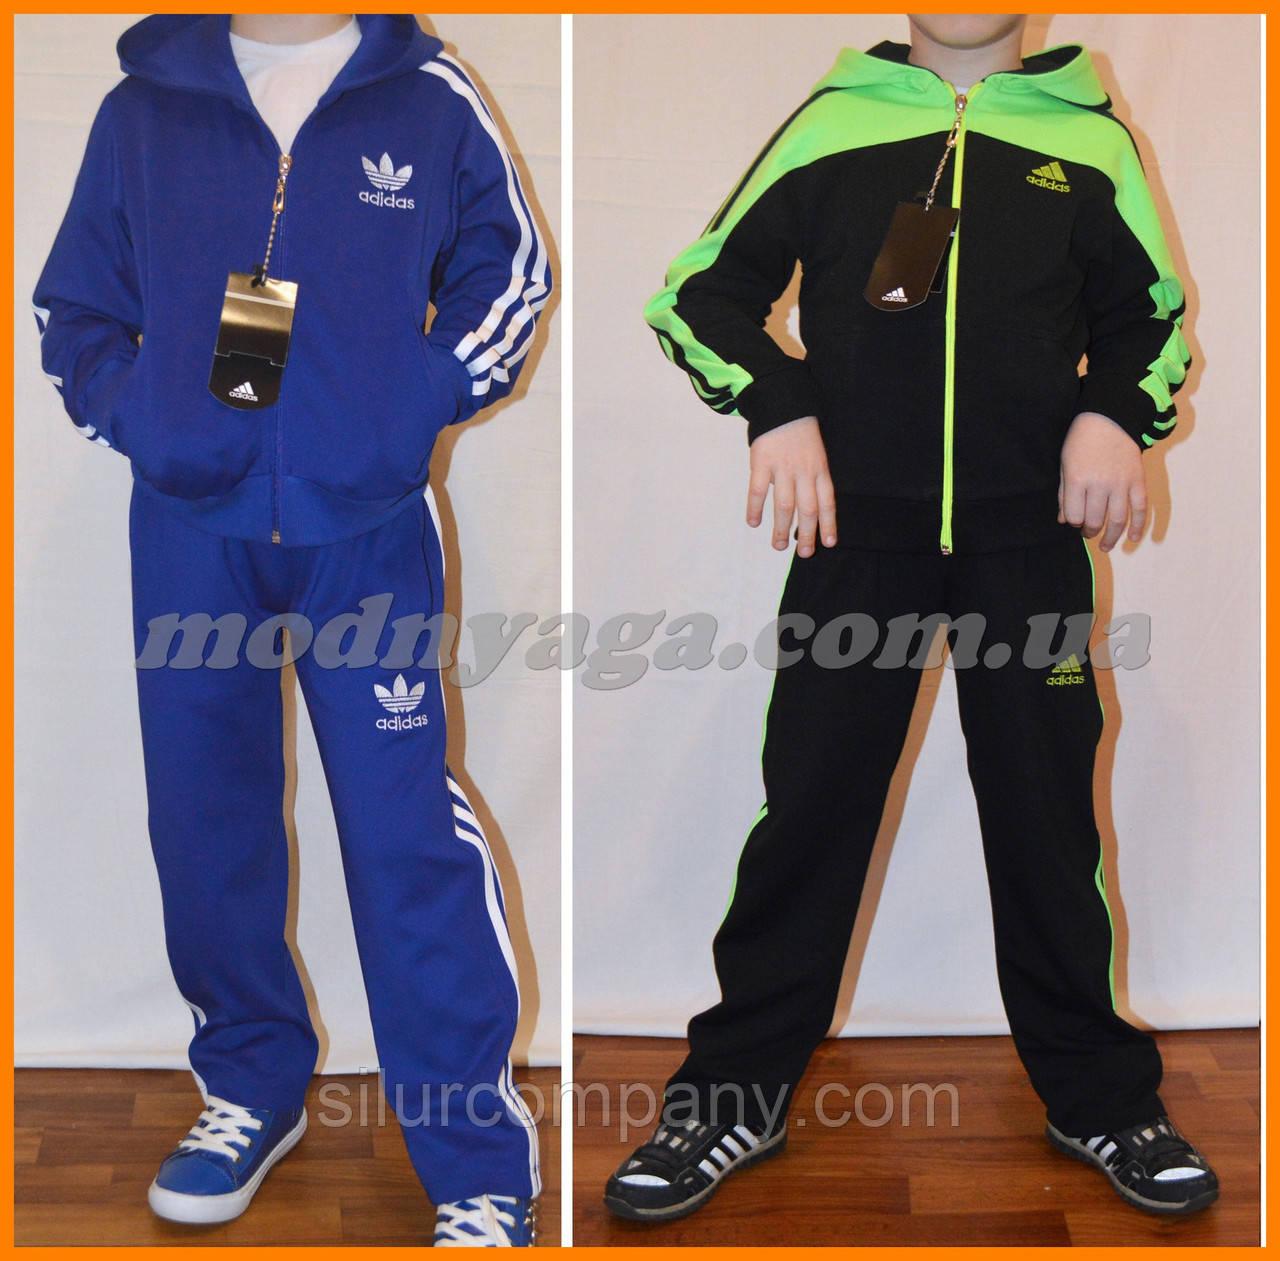 4eff9f35 Интернет магазин спортивной одежды adidas – Коллекции одежды